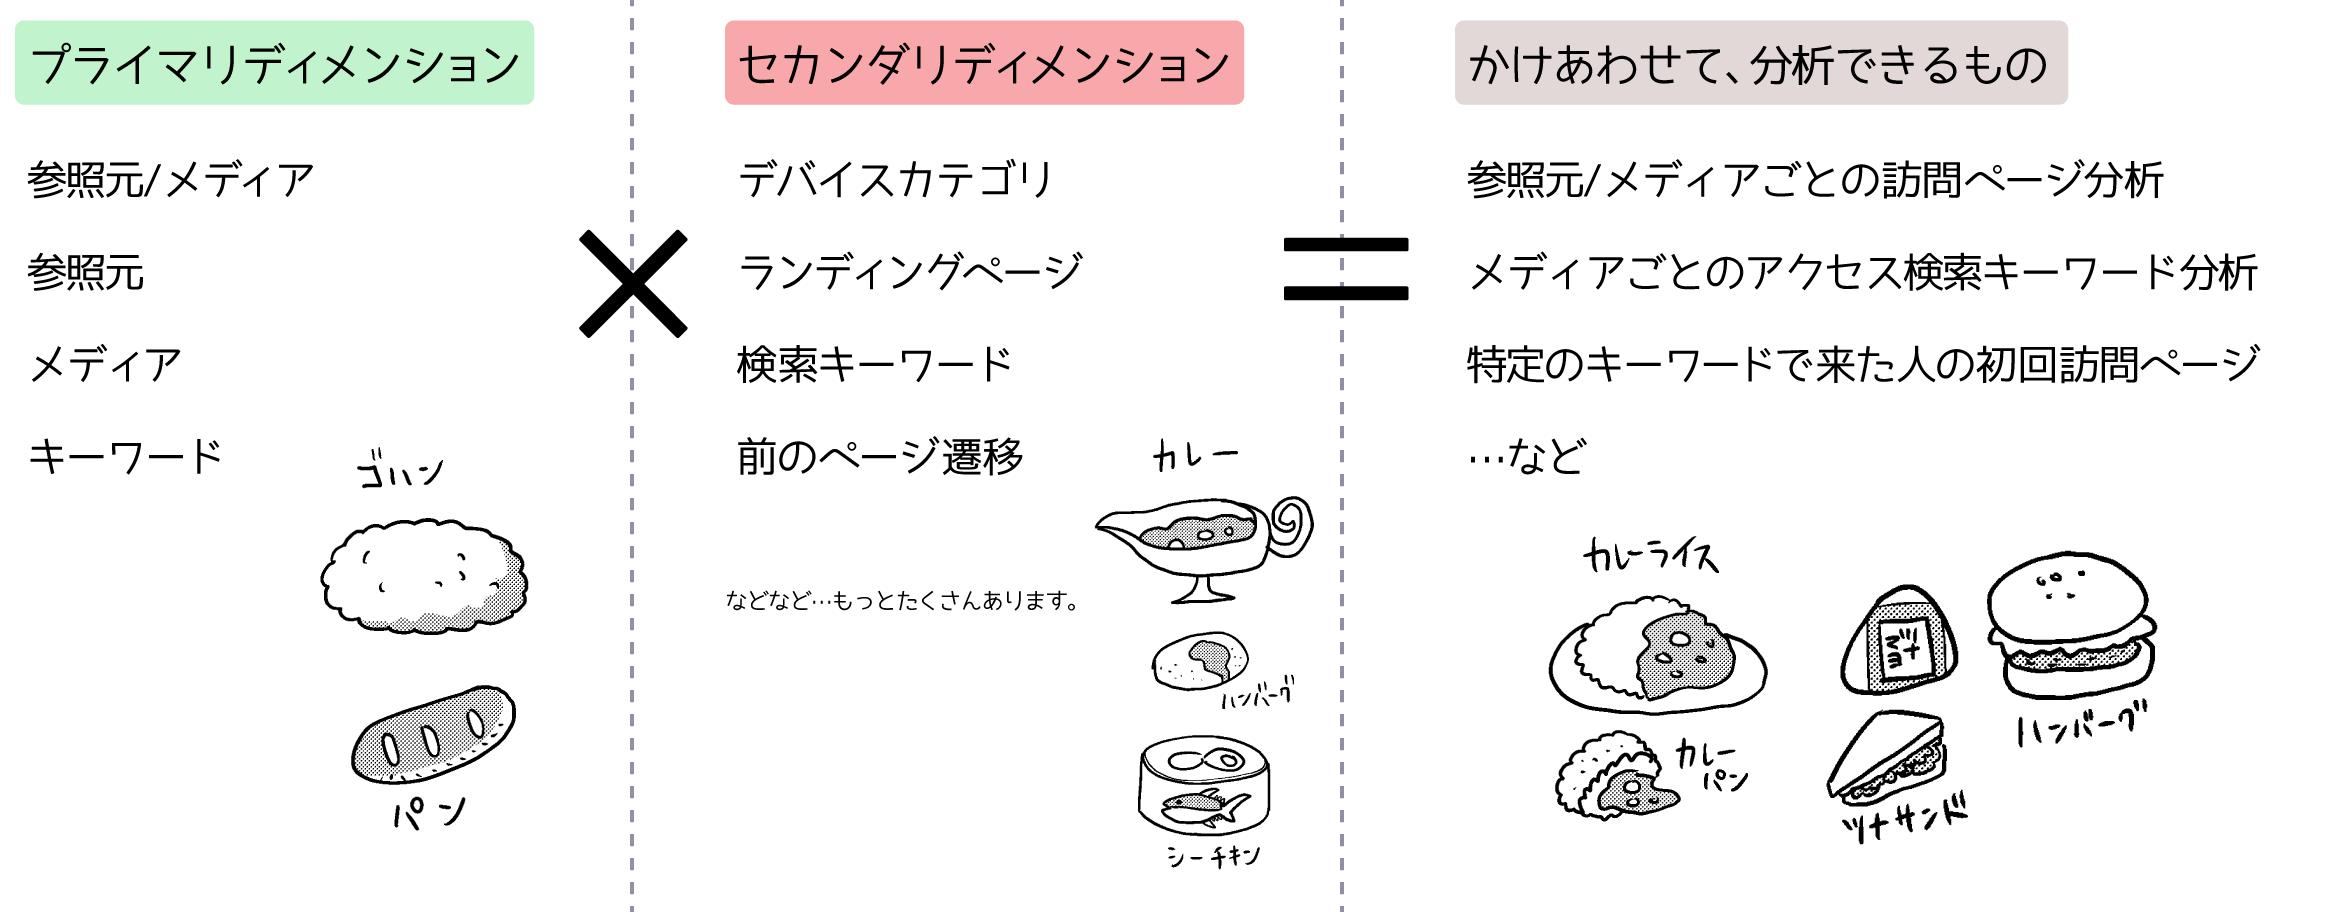 2軸分析の説明